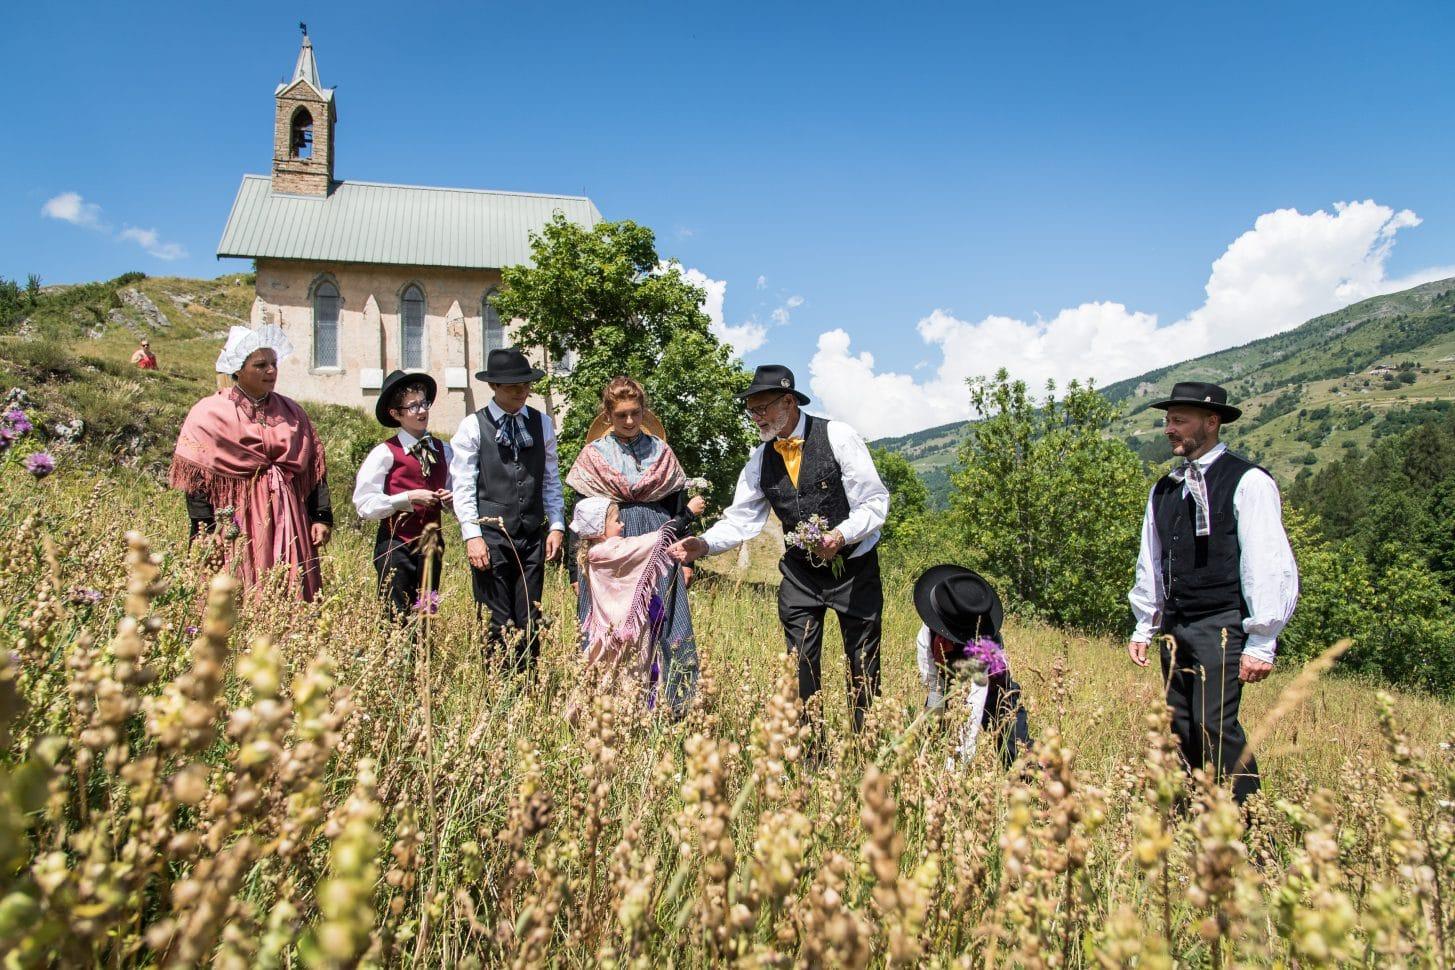 Valloire autrefois : famille en costume d'époque et chapelle